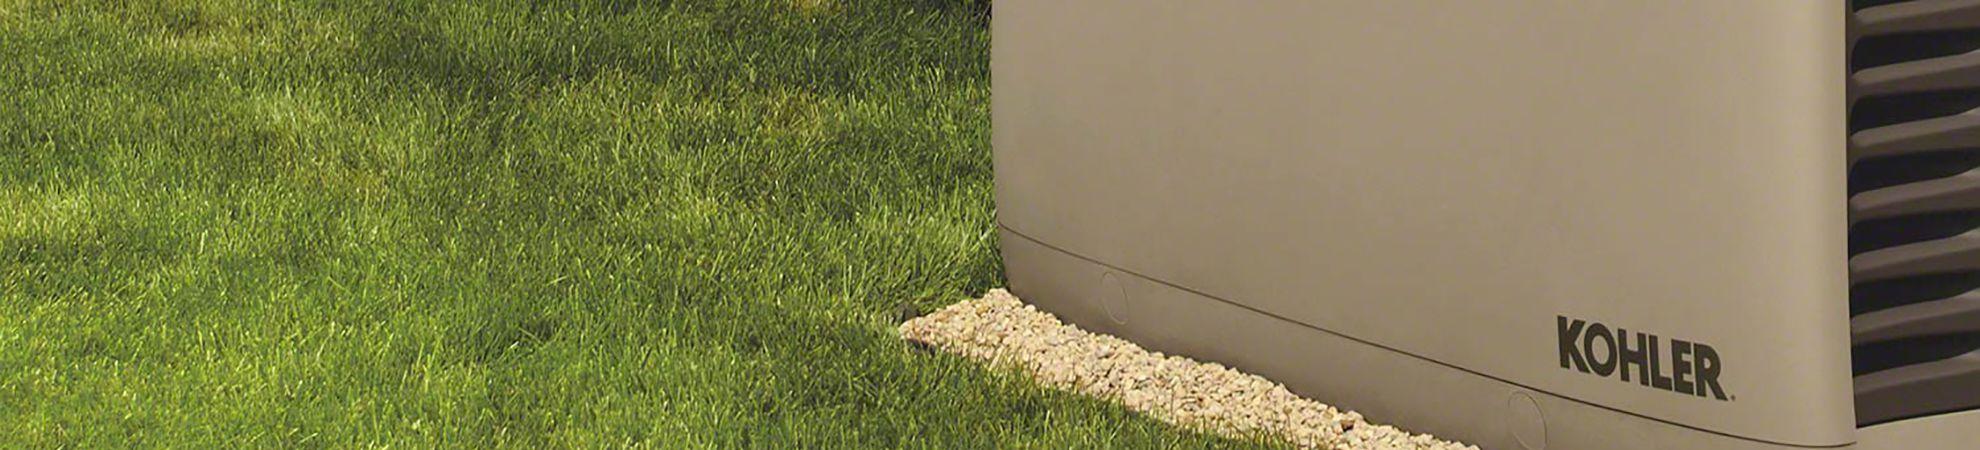 Installing Your Kohler Generator